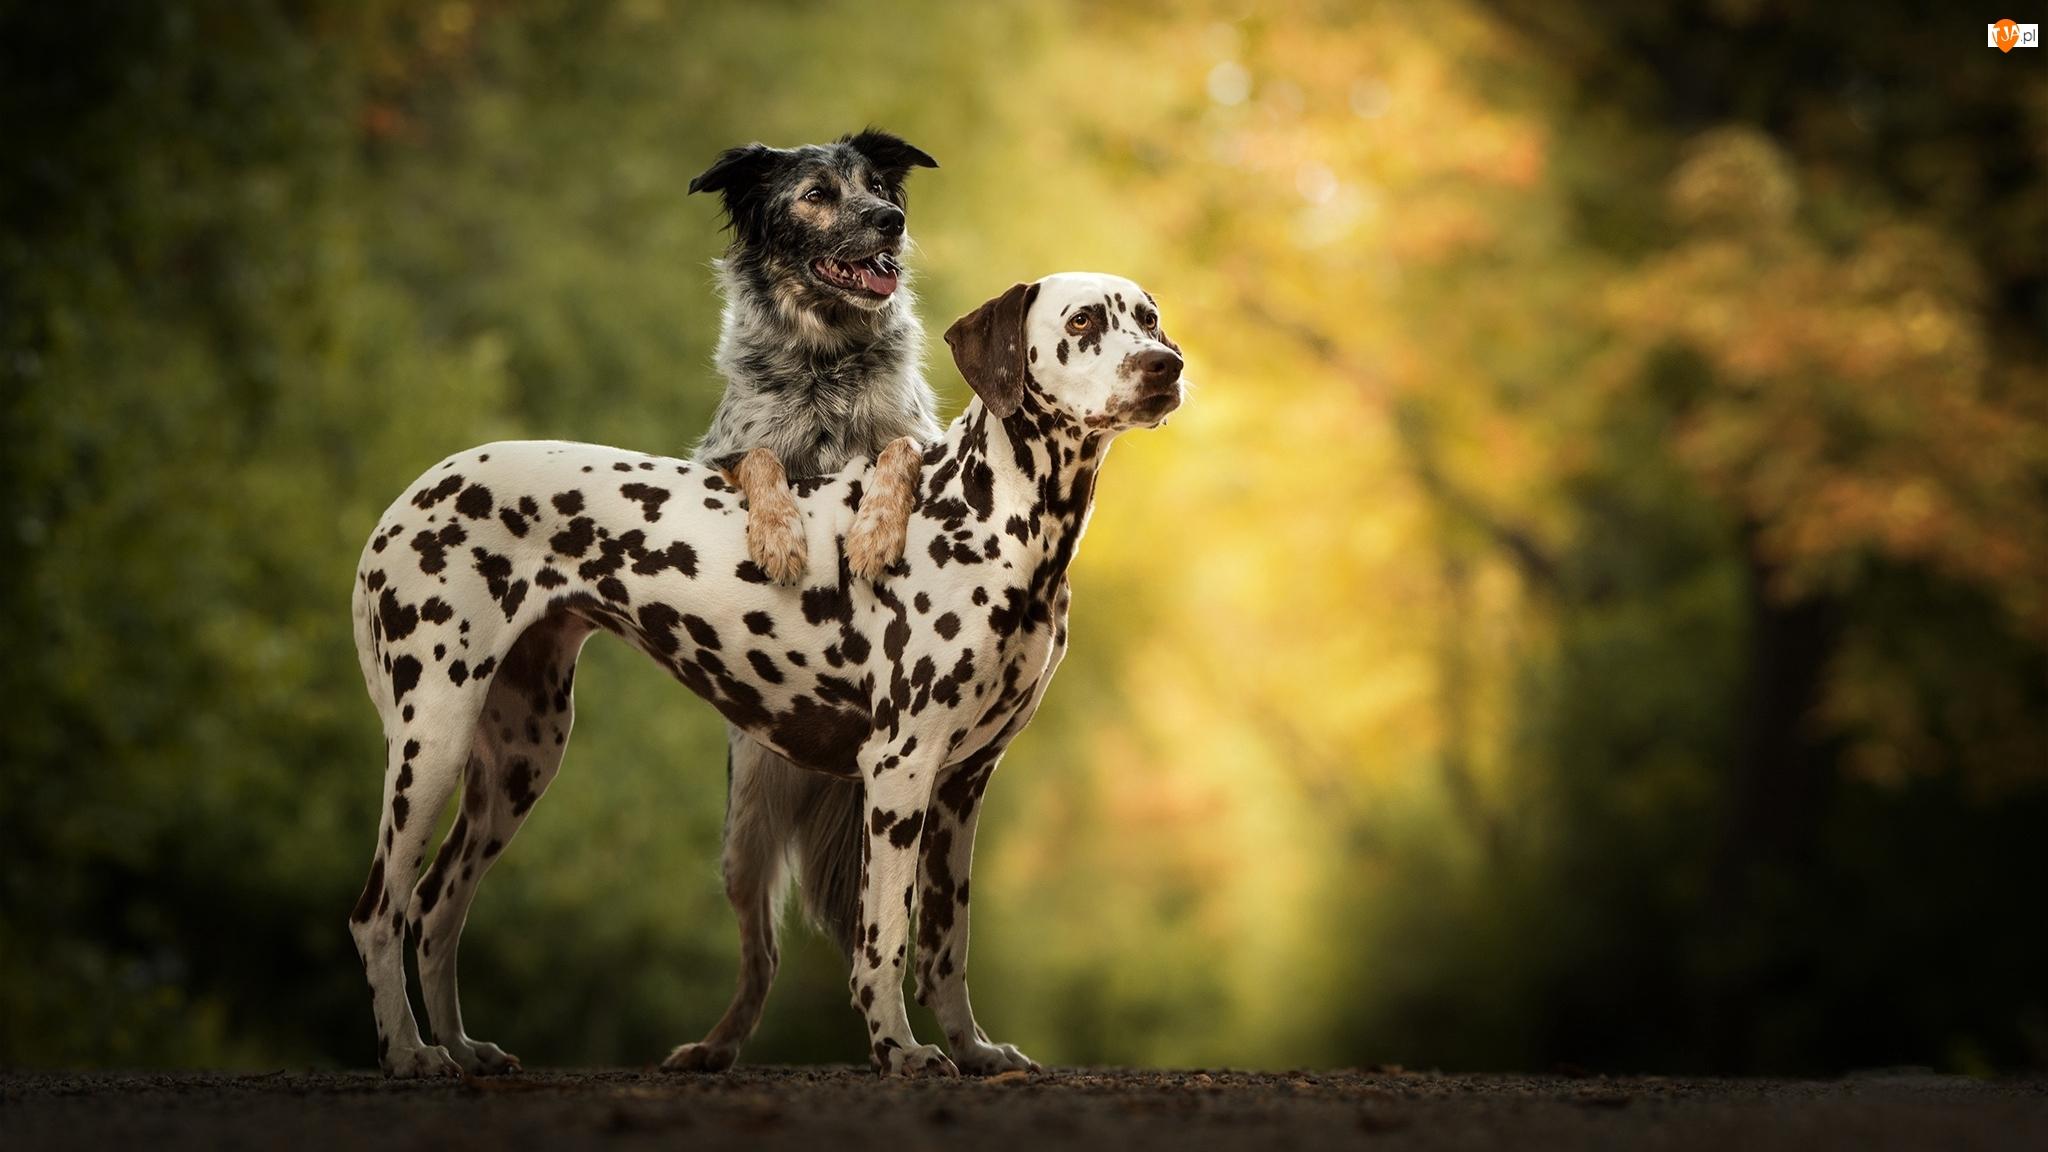 Dwa, Kundelek, Psy, Dalmatyńczyk